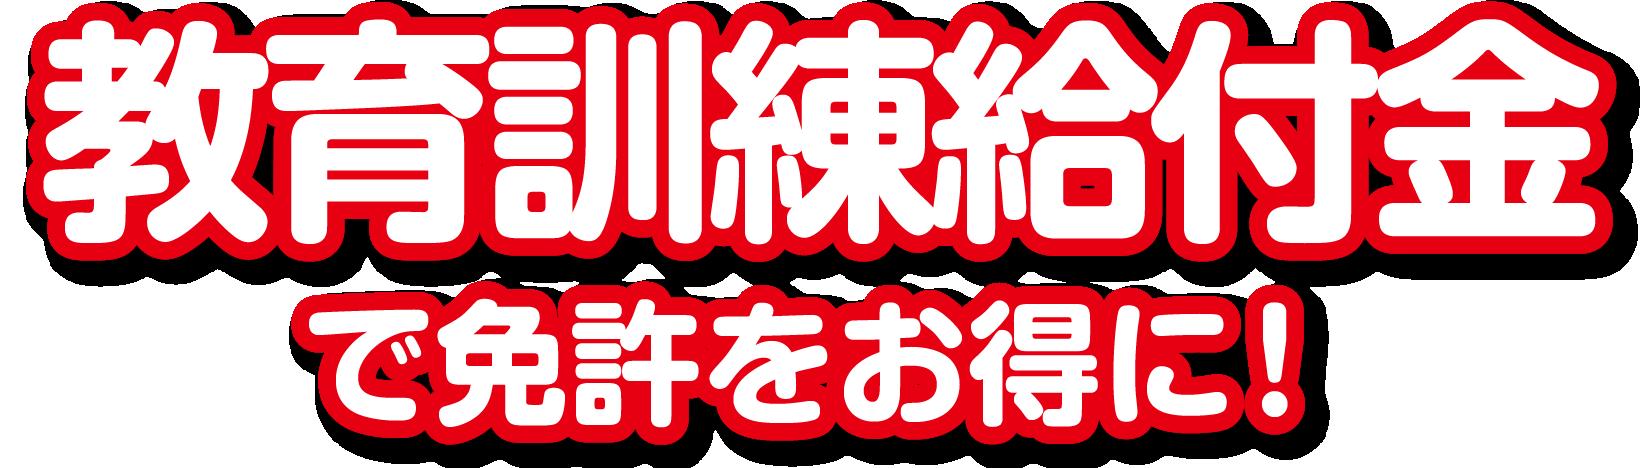 春日 市 10 万 円 給付